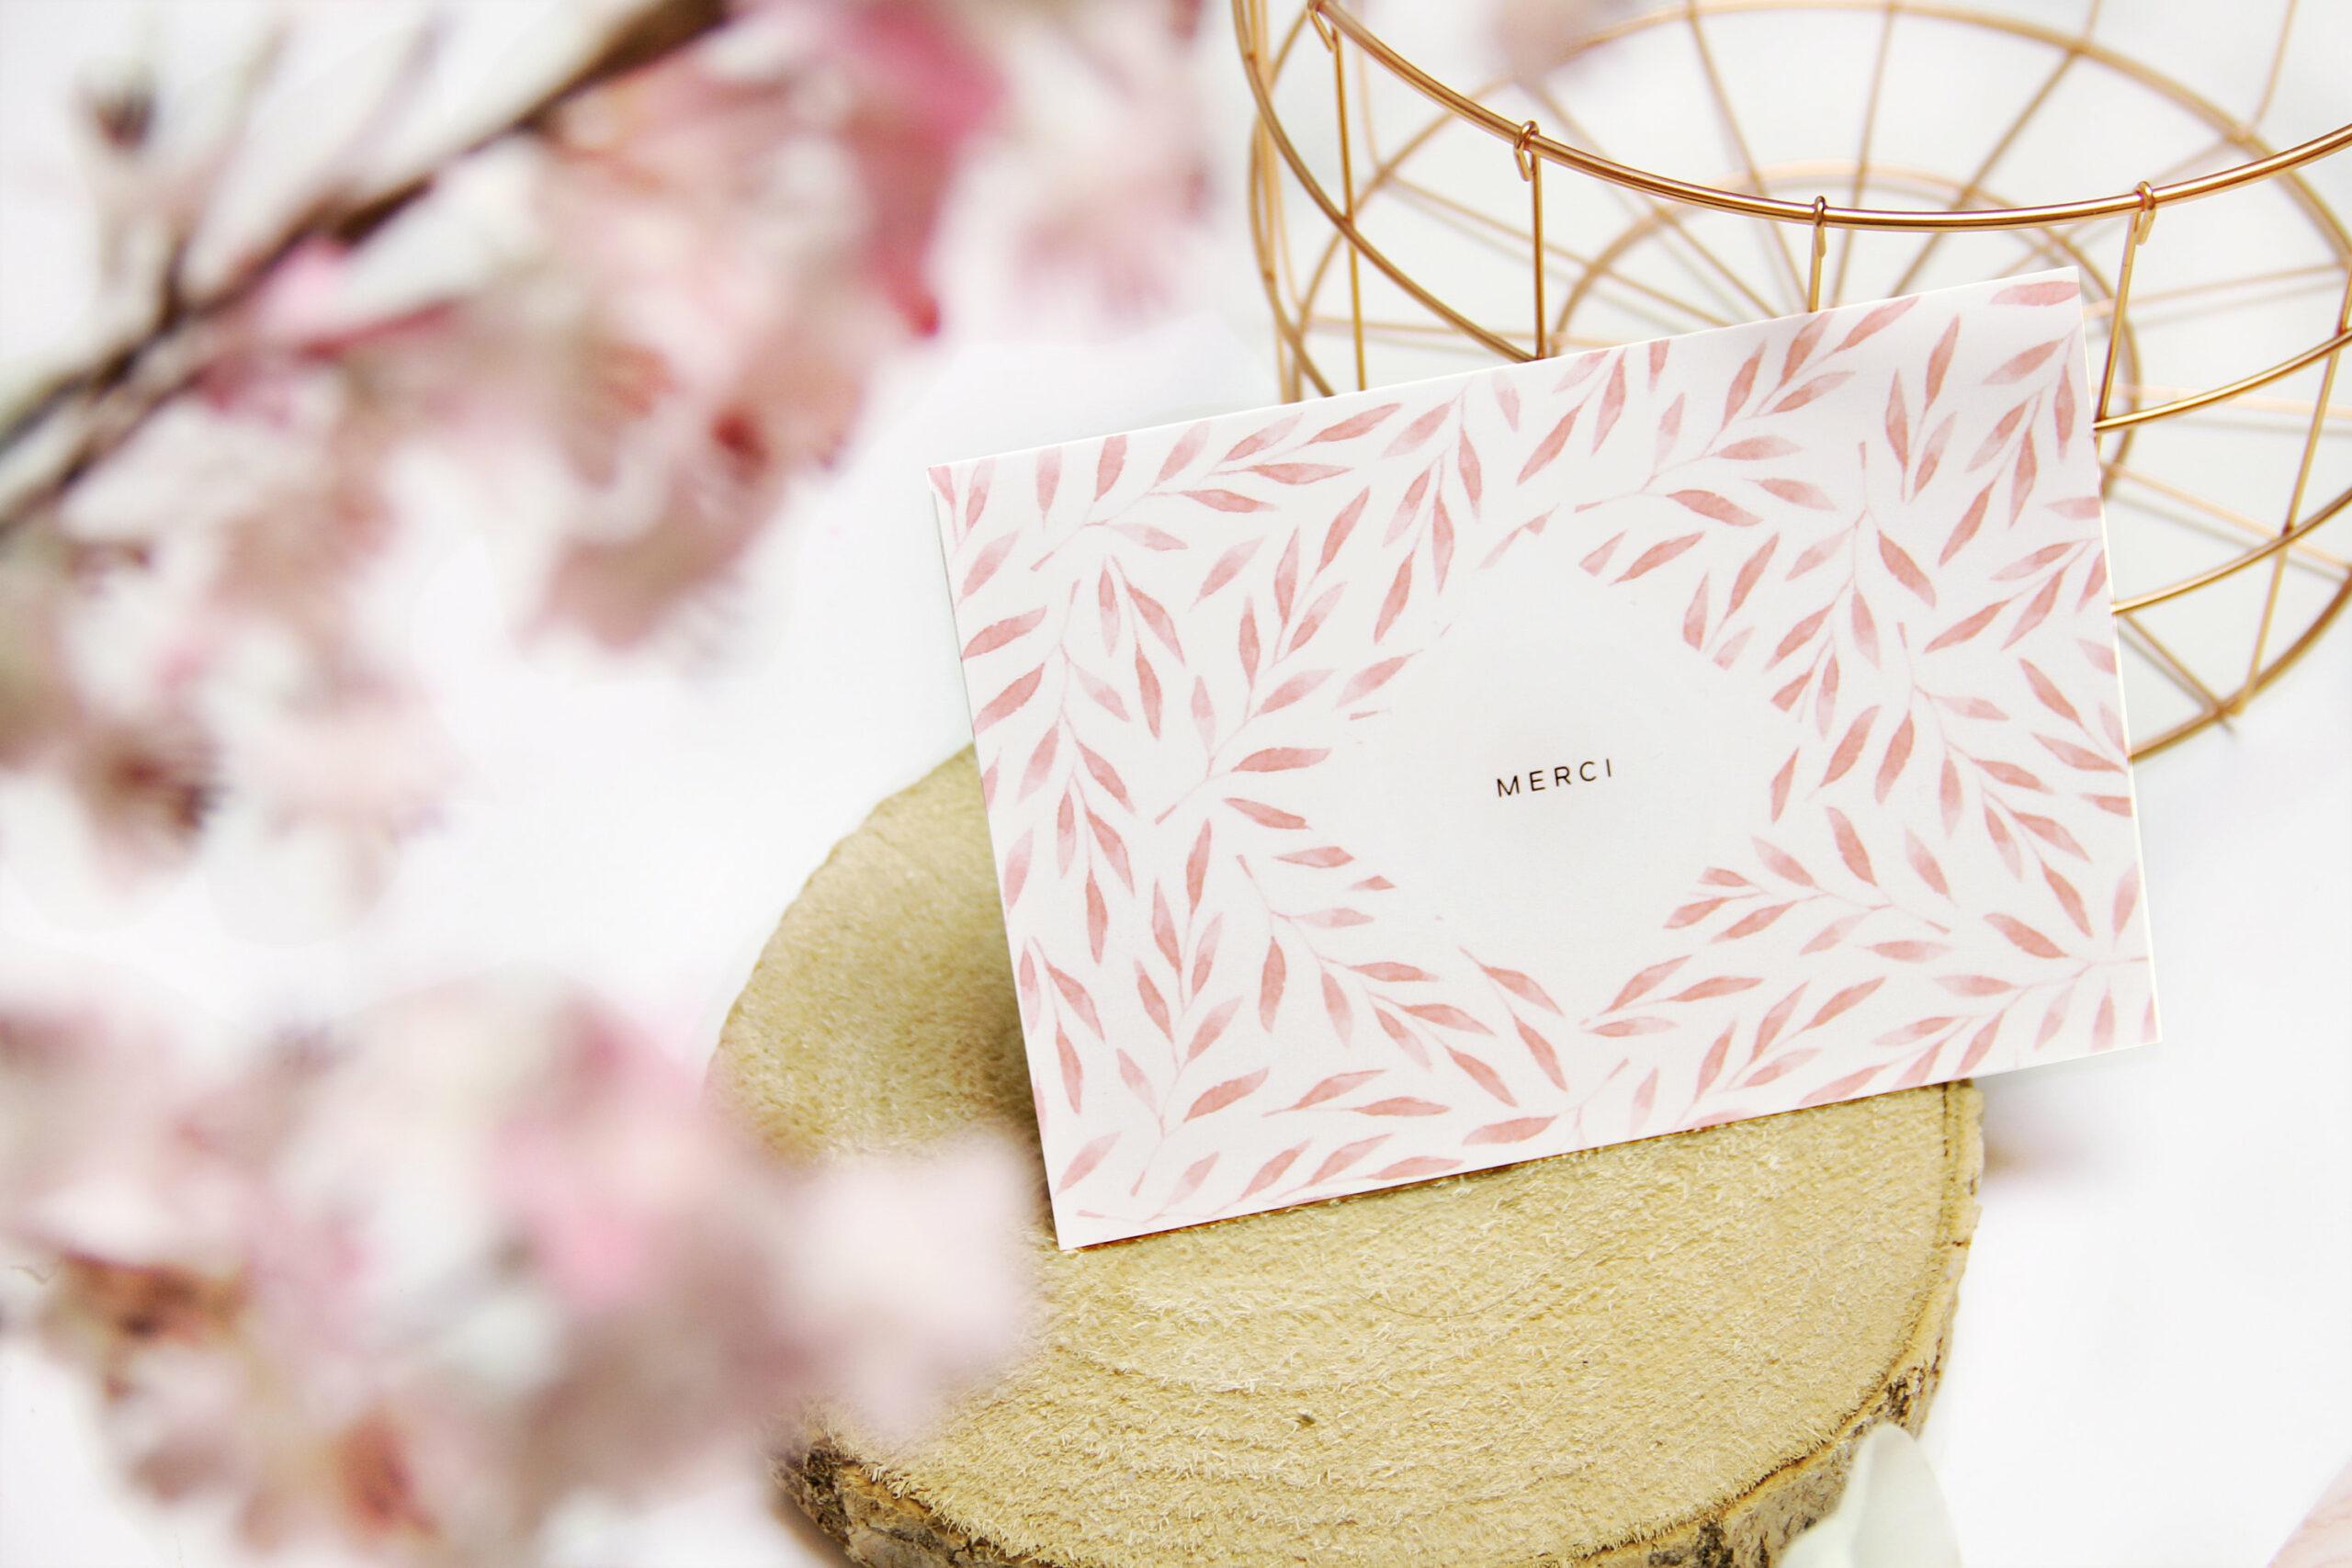 carte postale merci florale